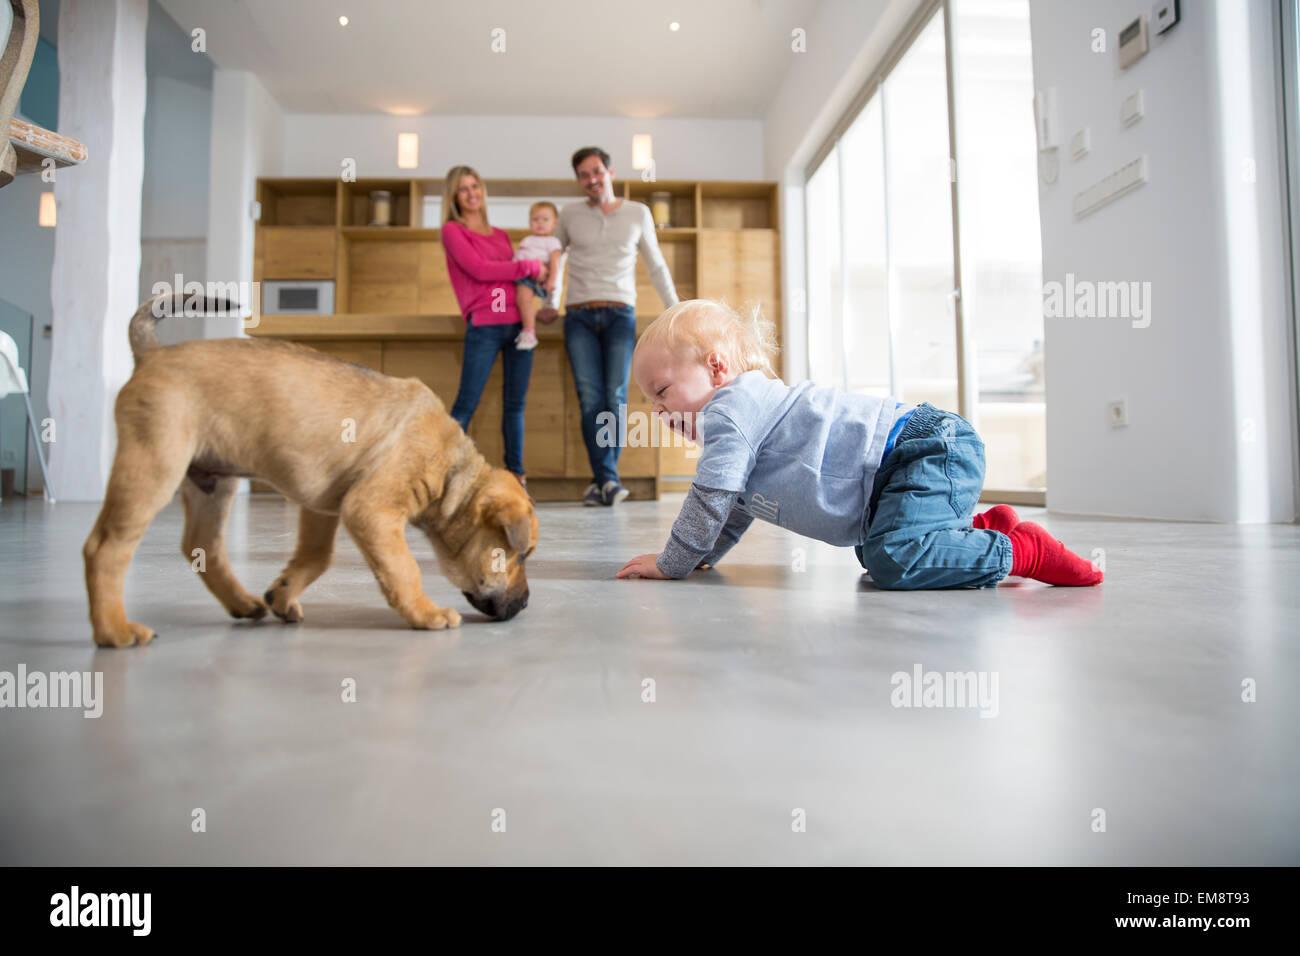 Männliche Kleinkind Erdgeschoss Speisesaal mit Welpen spielen Stockbild